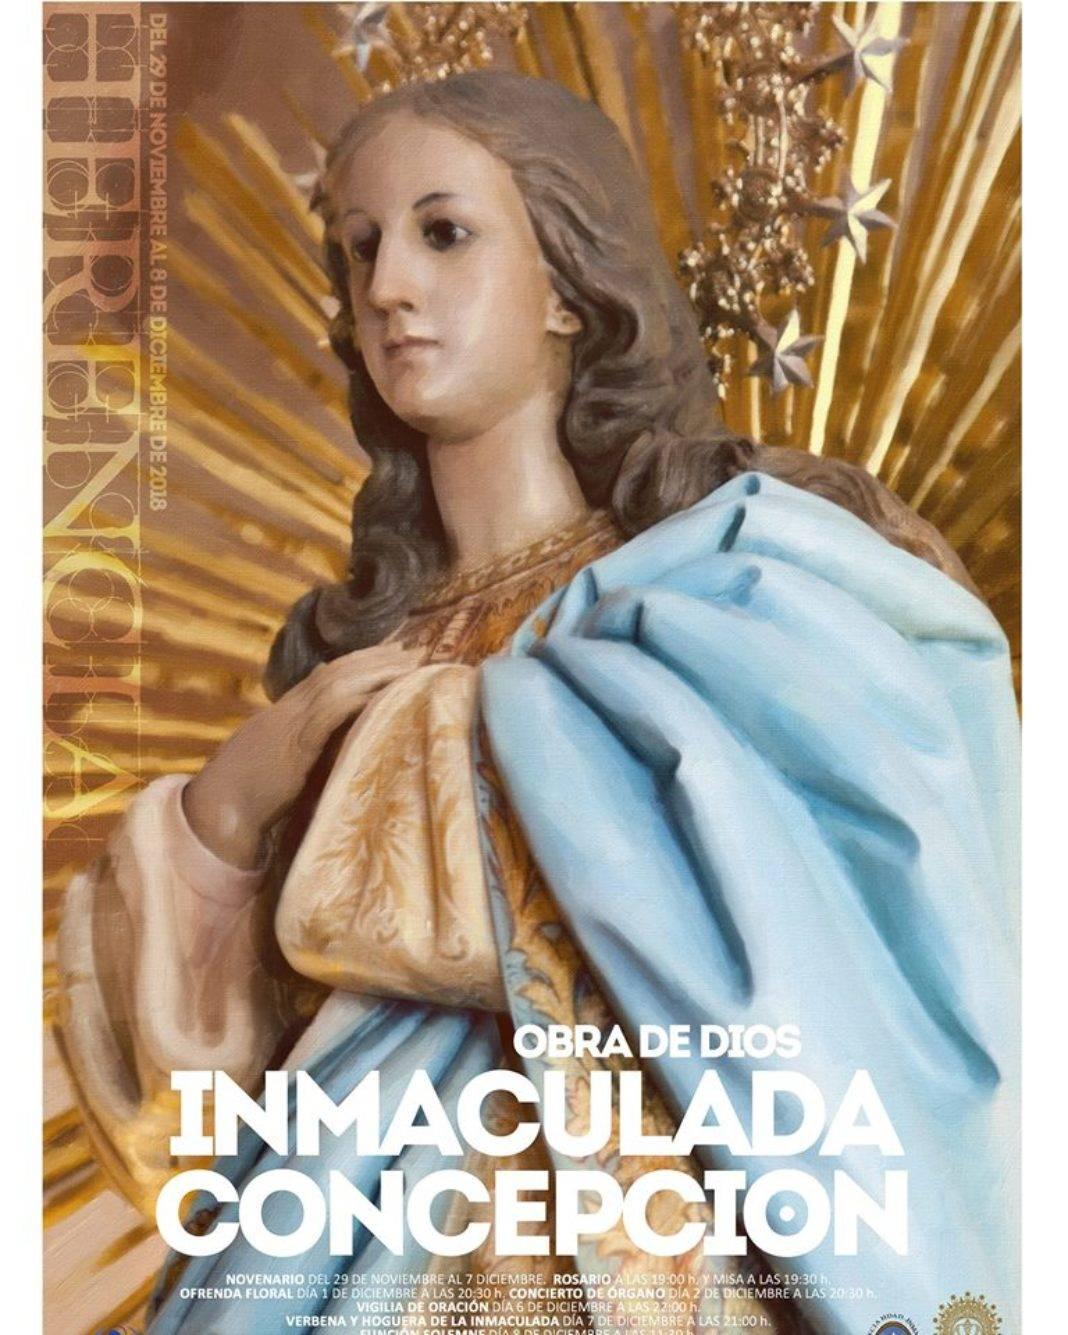 Cartel fiestas patronales en honor a la Inmaculada 2018 1068x1335 - Actos de las fiestas patronales 2018 en honor a la Inmaculada Concepción